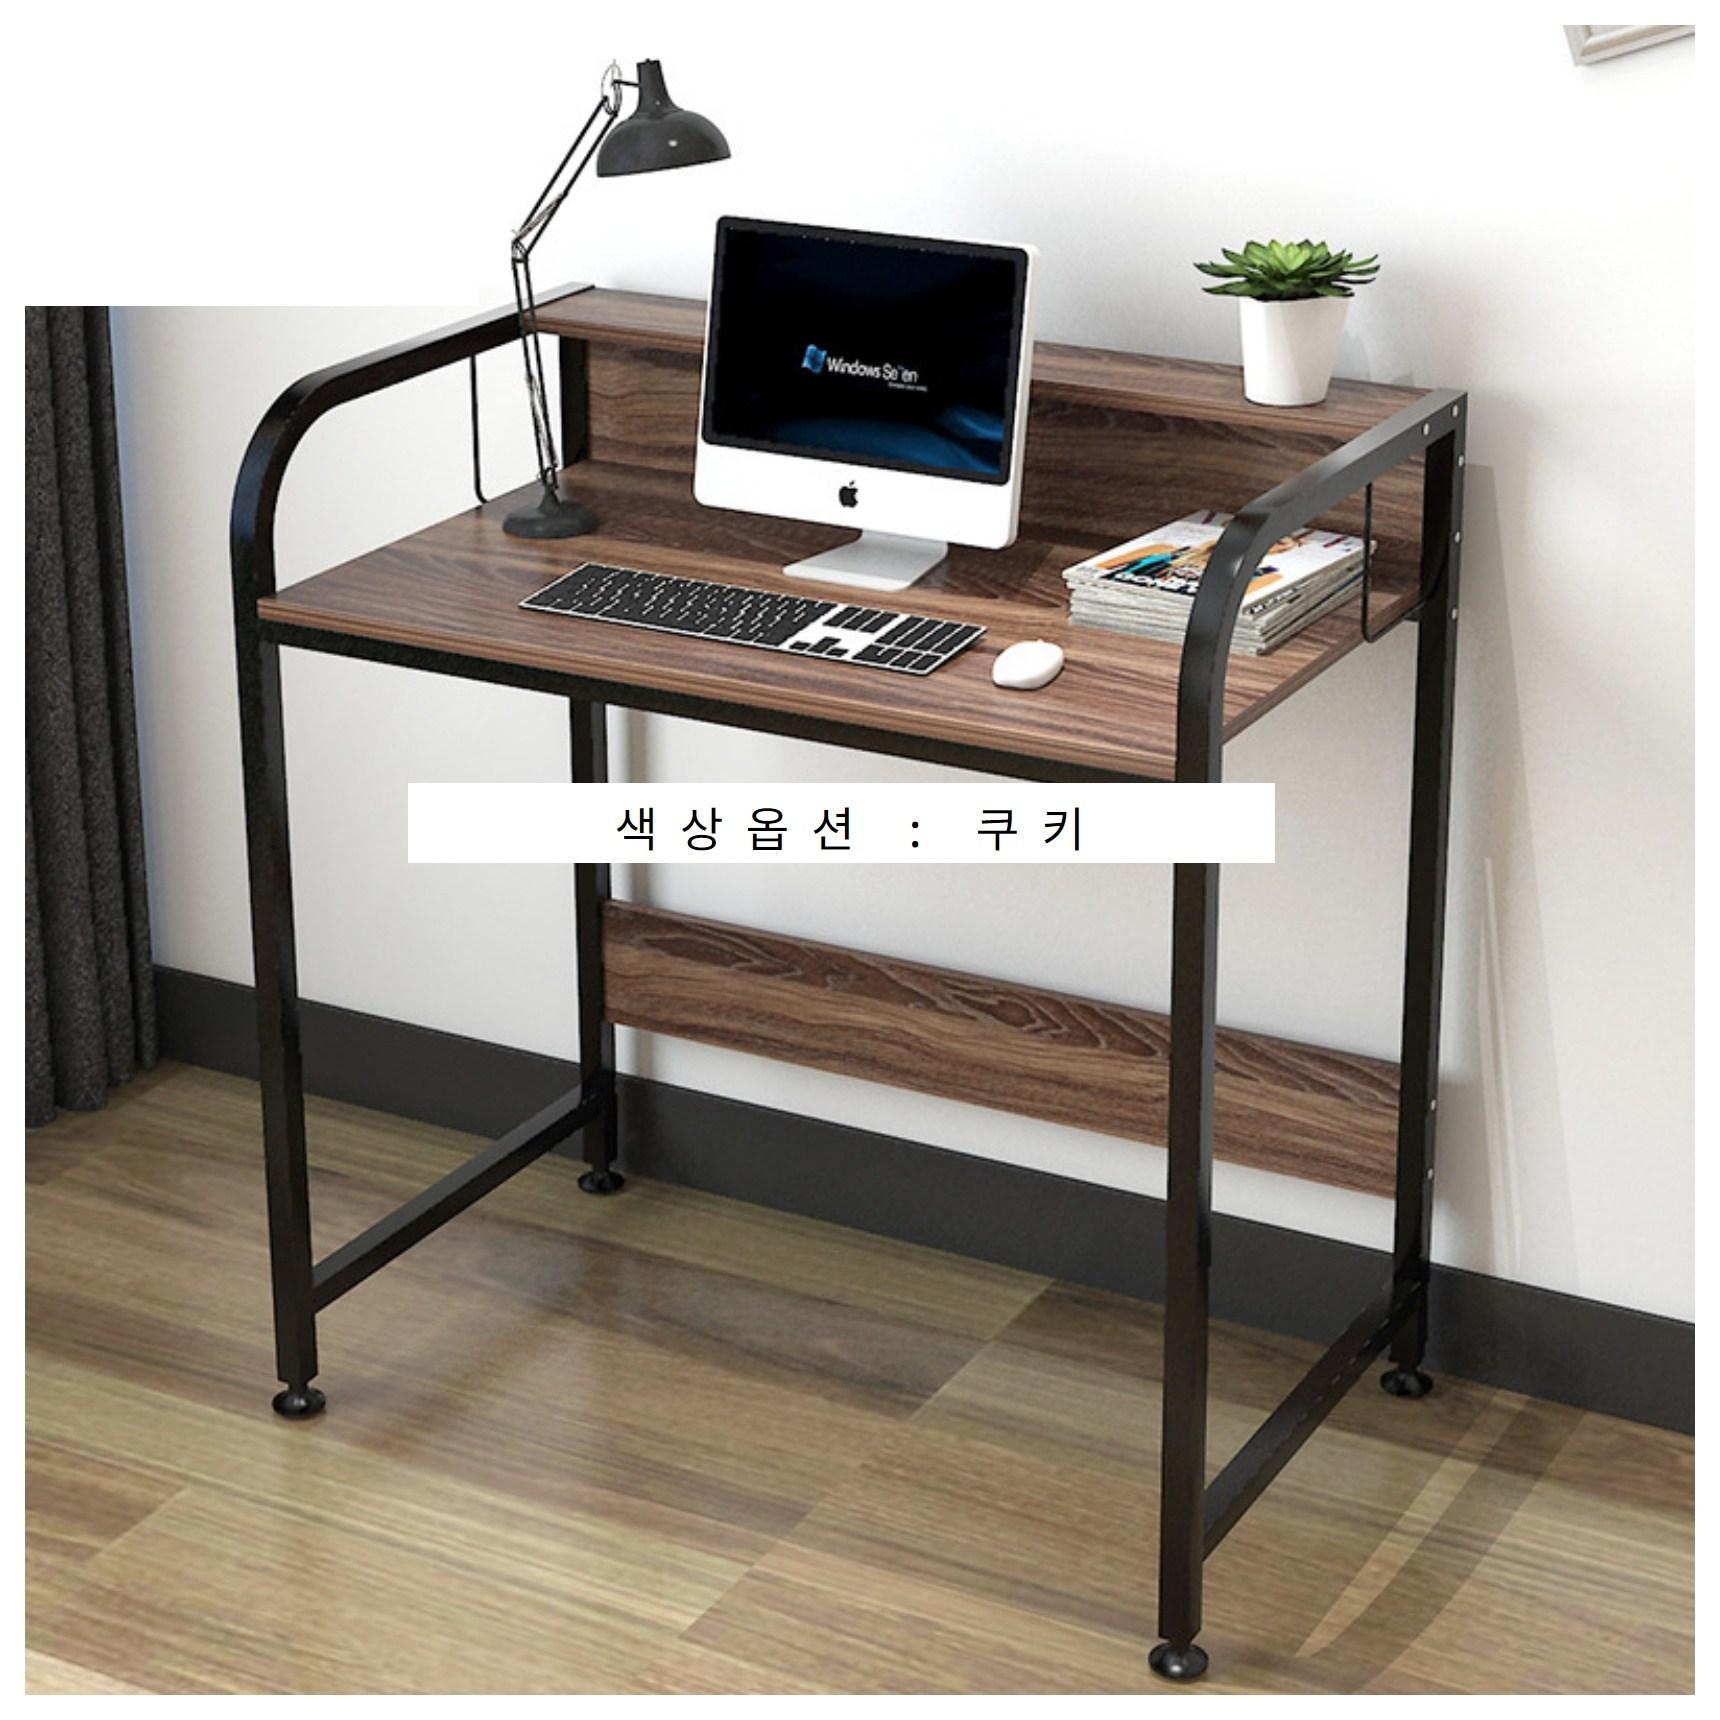 리빙위드유 선반형 1인용 컴퓨터 책상, 쿠키